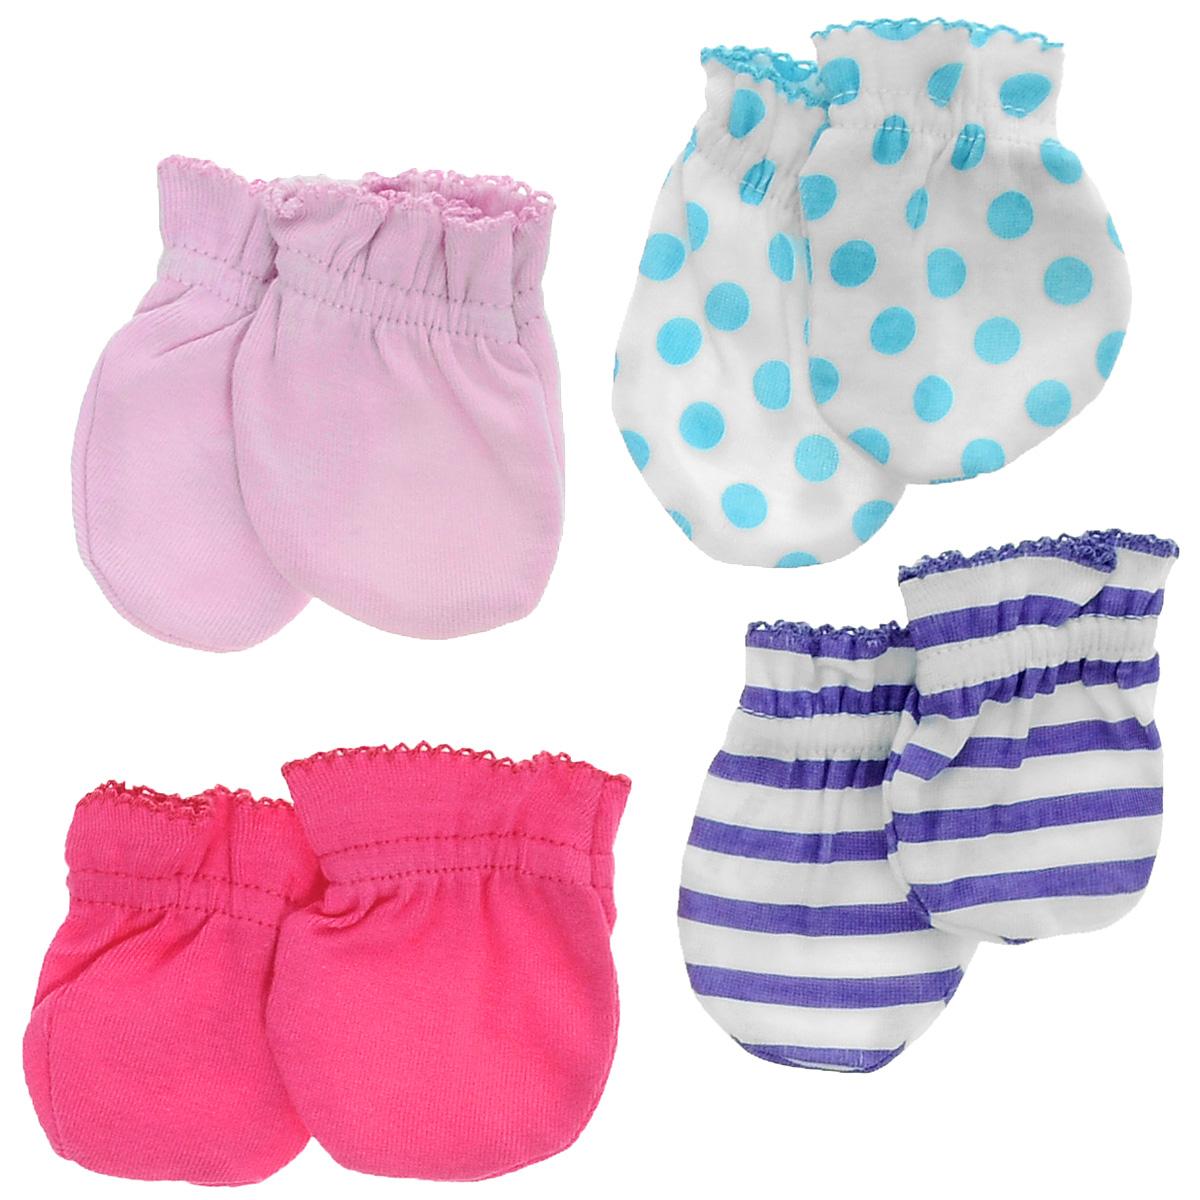 Рукавички для новорожденного Luvable Friends Радуга, цвет: розовый, сиреневый, белый, 4 пары. 34705. Размер 55/67, 0-6 месяцев34705Рукавички для новорожденного Luvable Friends Радуга, изготовленные из натурального хлопка, идеально подойдут вашему малышу и обеспечат ему комфорт во время сна и бодрствования, предохраняя нежную кожу новорожденного от расцарапывания.В комплект входят четыре пары рукавичек.